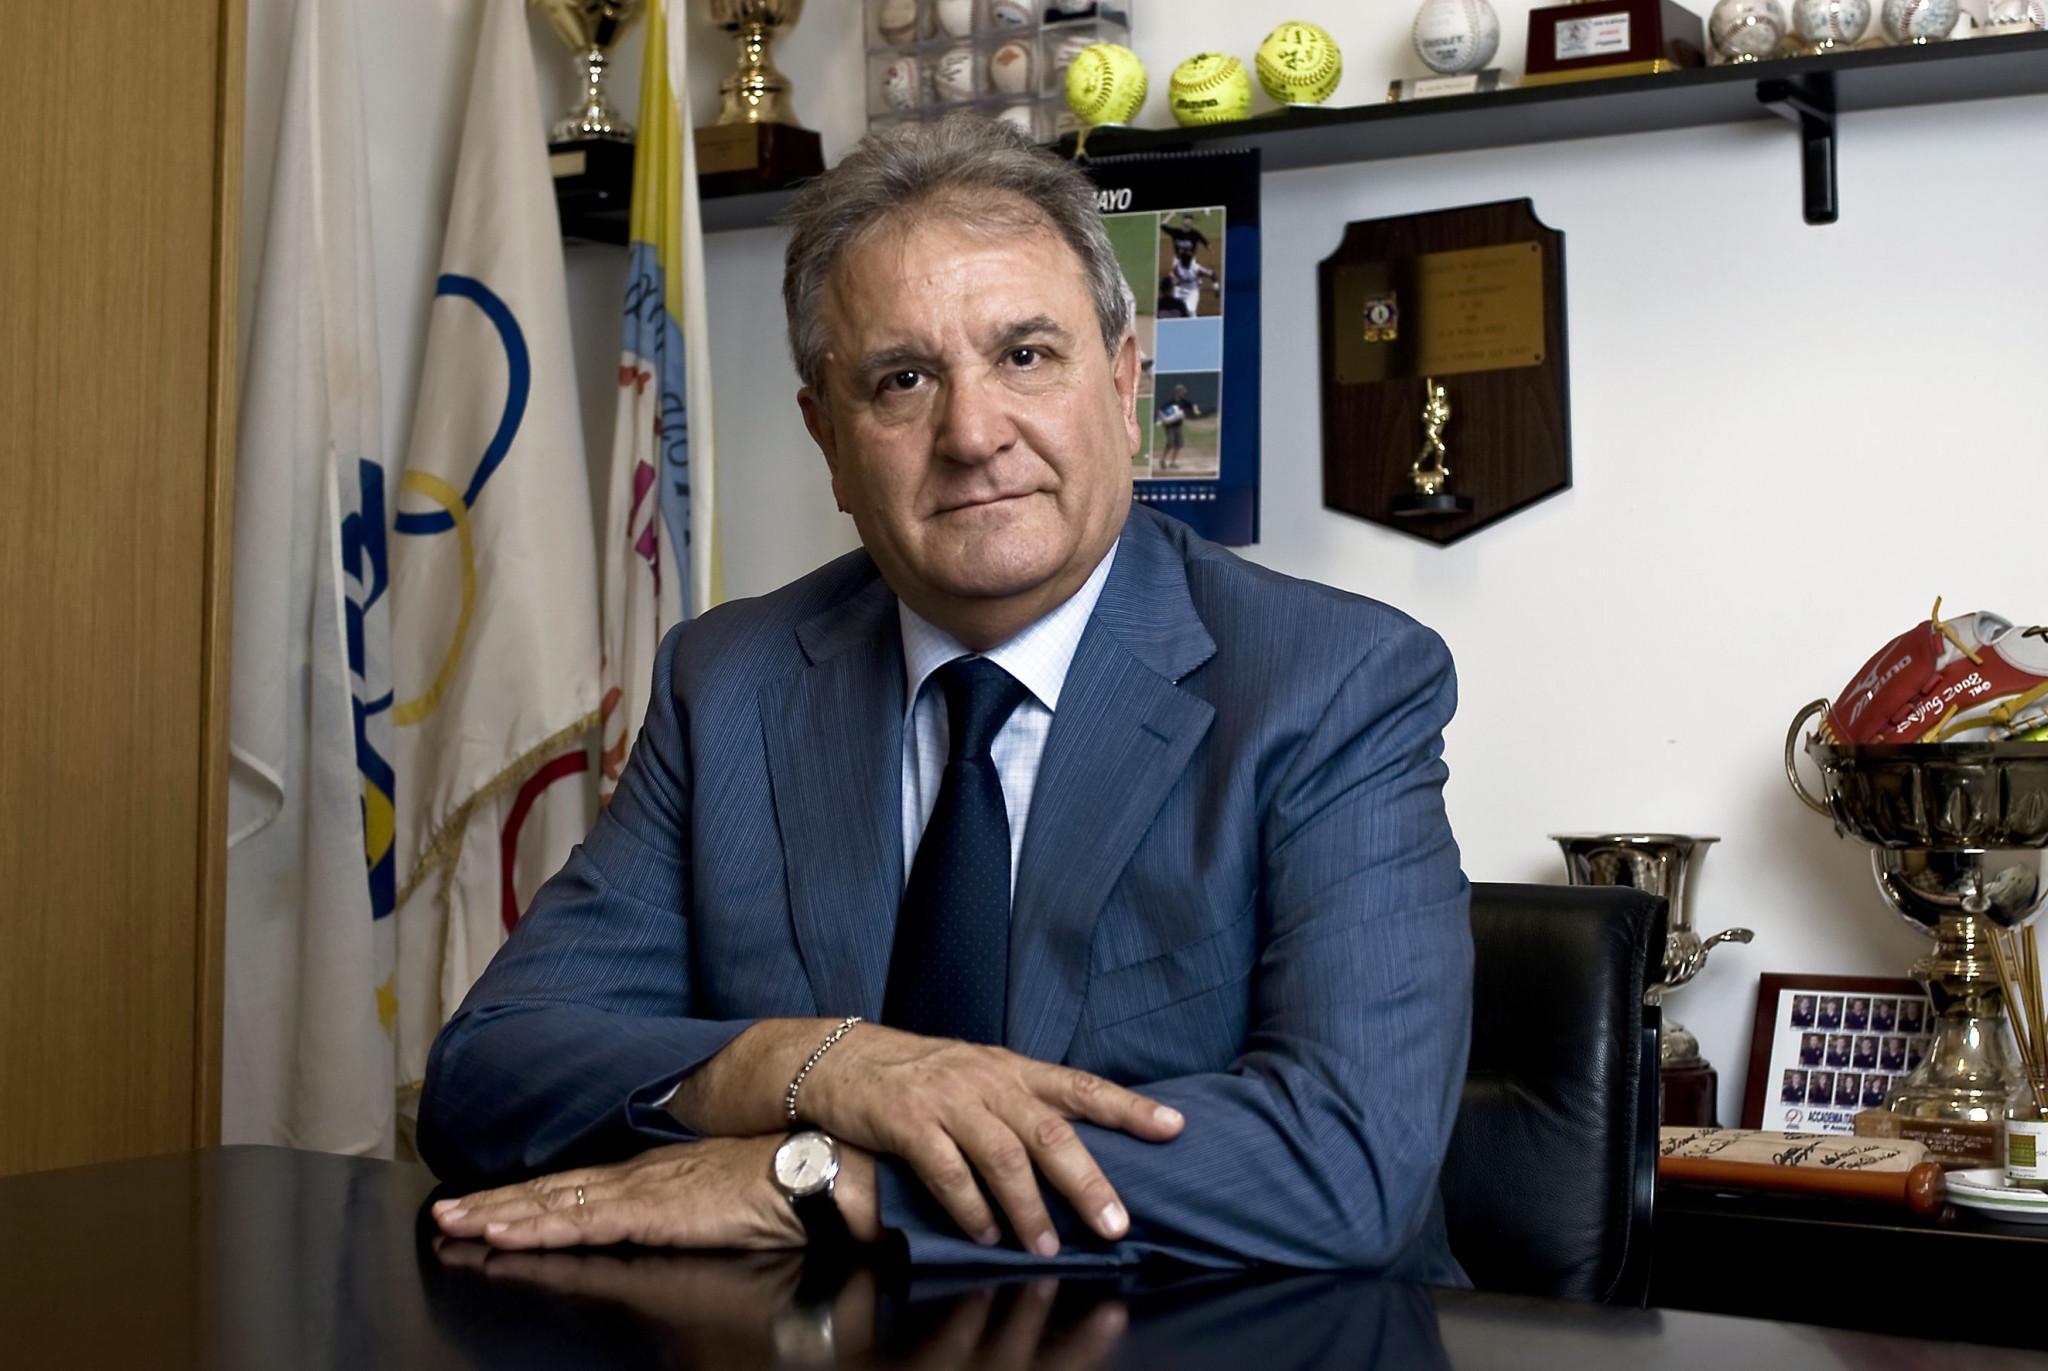 WBSC President Fraccari praises role of baseball in return of spectator sport in Japan